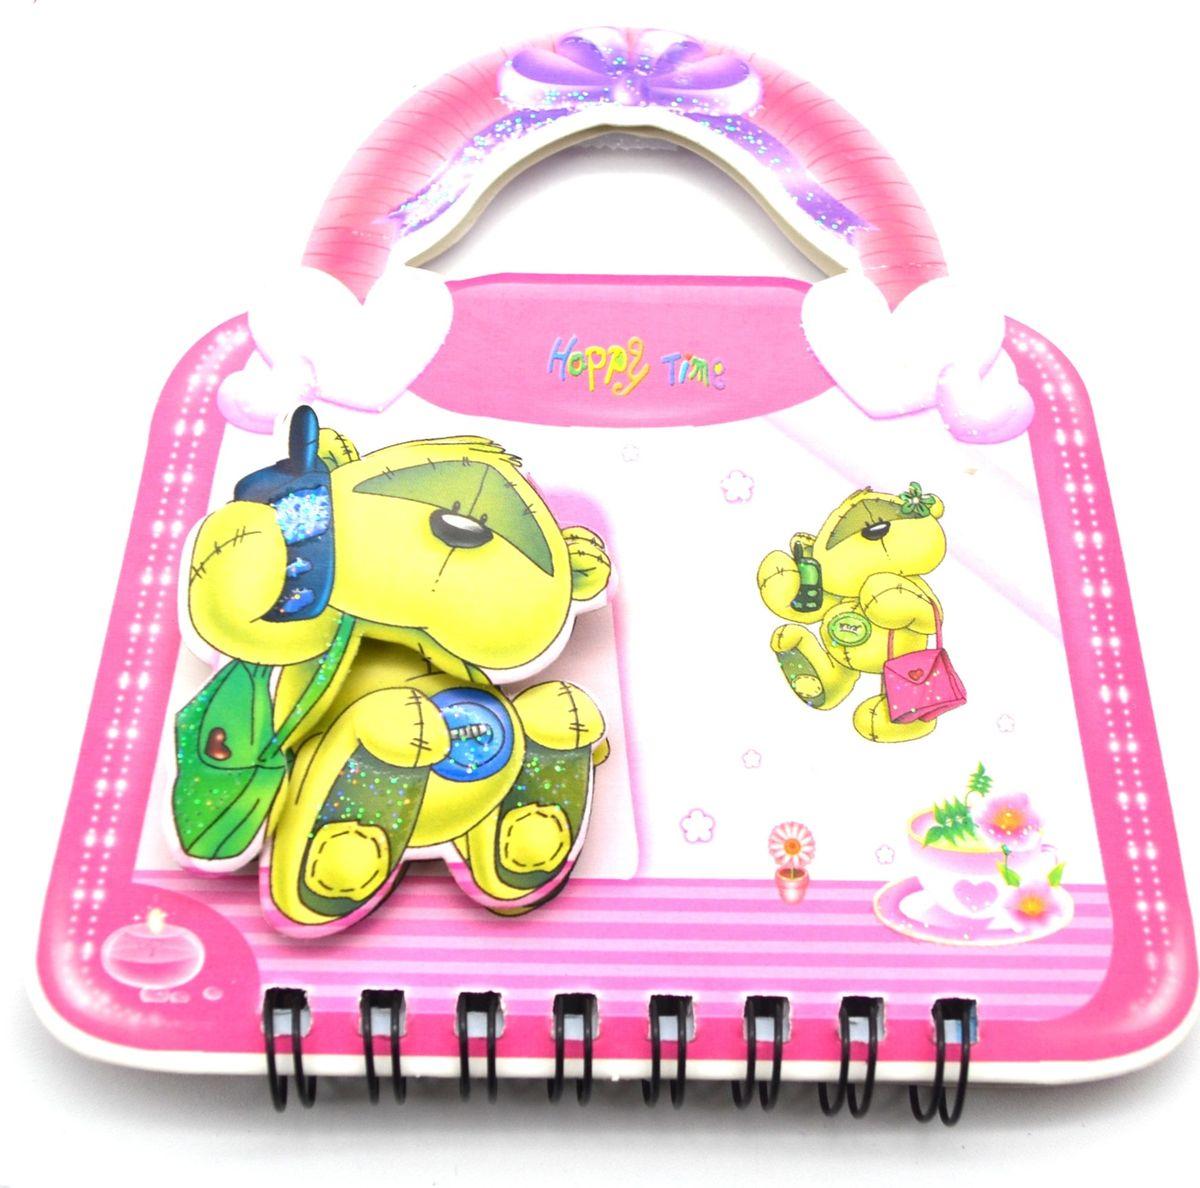 Карамба Блокнот Мишка на сумочке 50 листов в линейку цвет розовый 3572730396Блокнот Карамба Мишка на сумочке с объемным изображением мишки на лицевой стороне выполнен в виде сумочки с ручками. Блокнот содержит 50 листов в линейку. Листики окрашены в голубой и зеленый цвета. На каждом листочке изображен мишка.